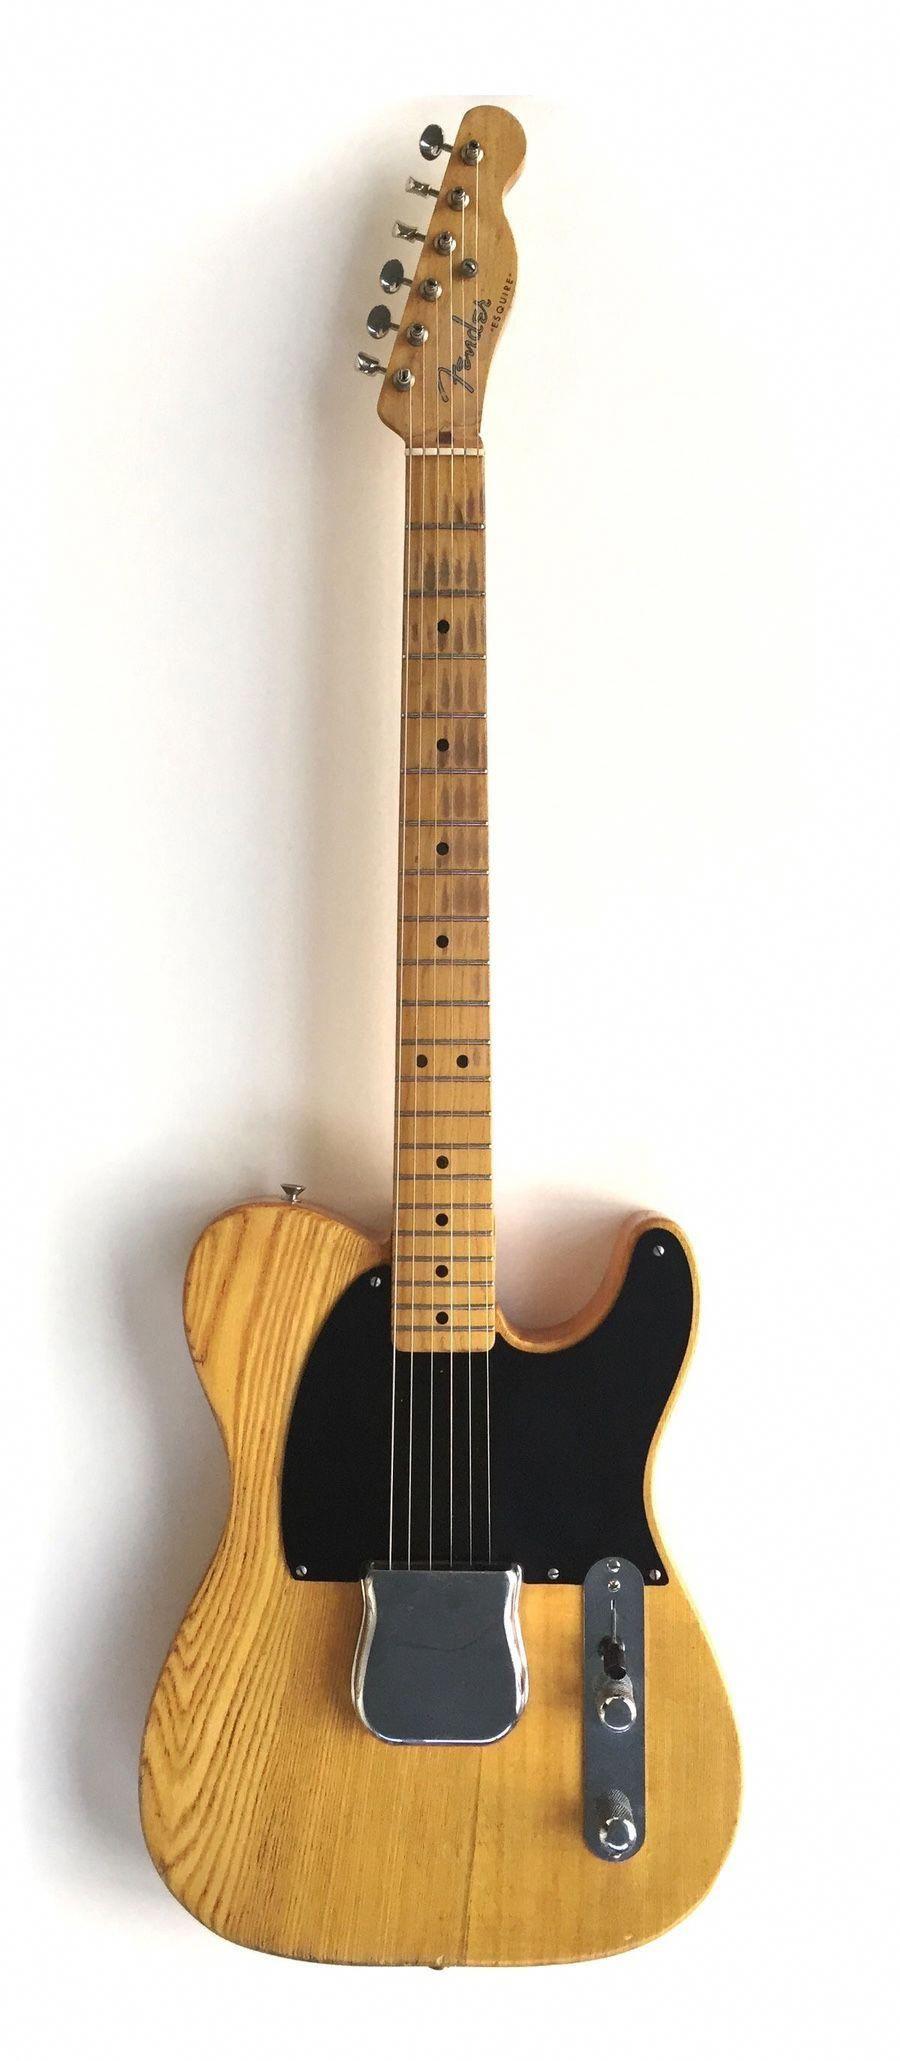 21 Fabulous Fender Guitar Decals Headstock Fender Guitar Iphone Case Guitaramp Guitarman Fenderguit Fender Guitar Amps Fender Esquire Fender Electric Guitar